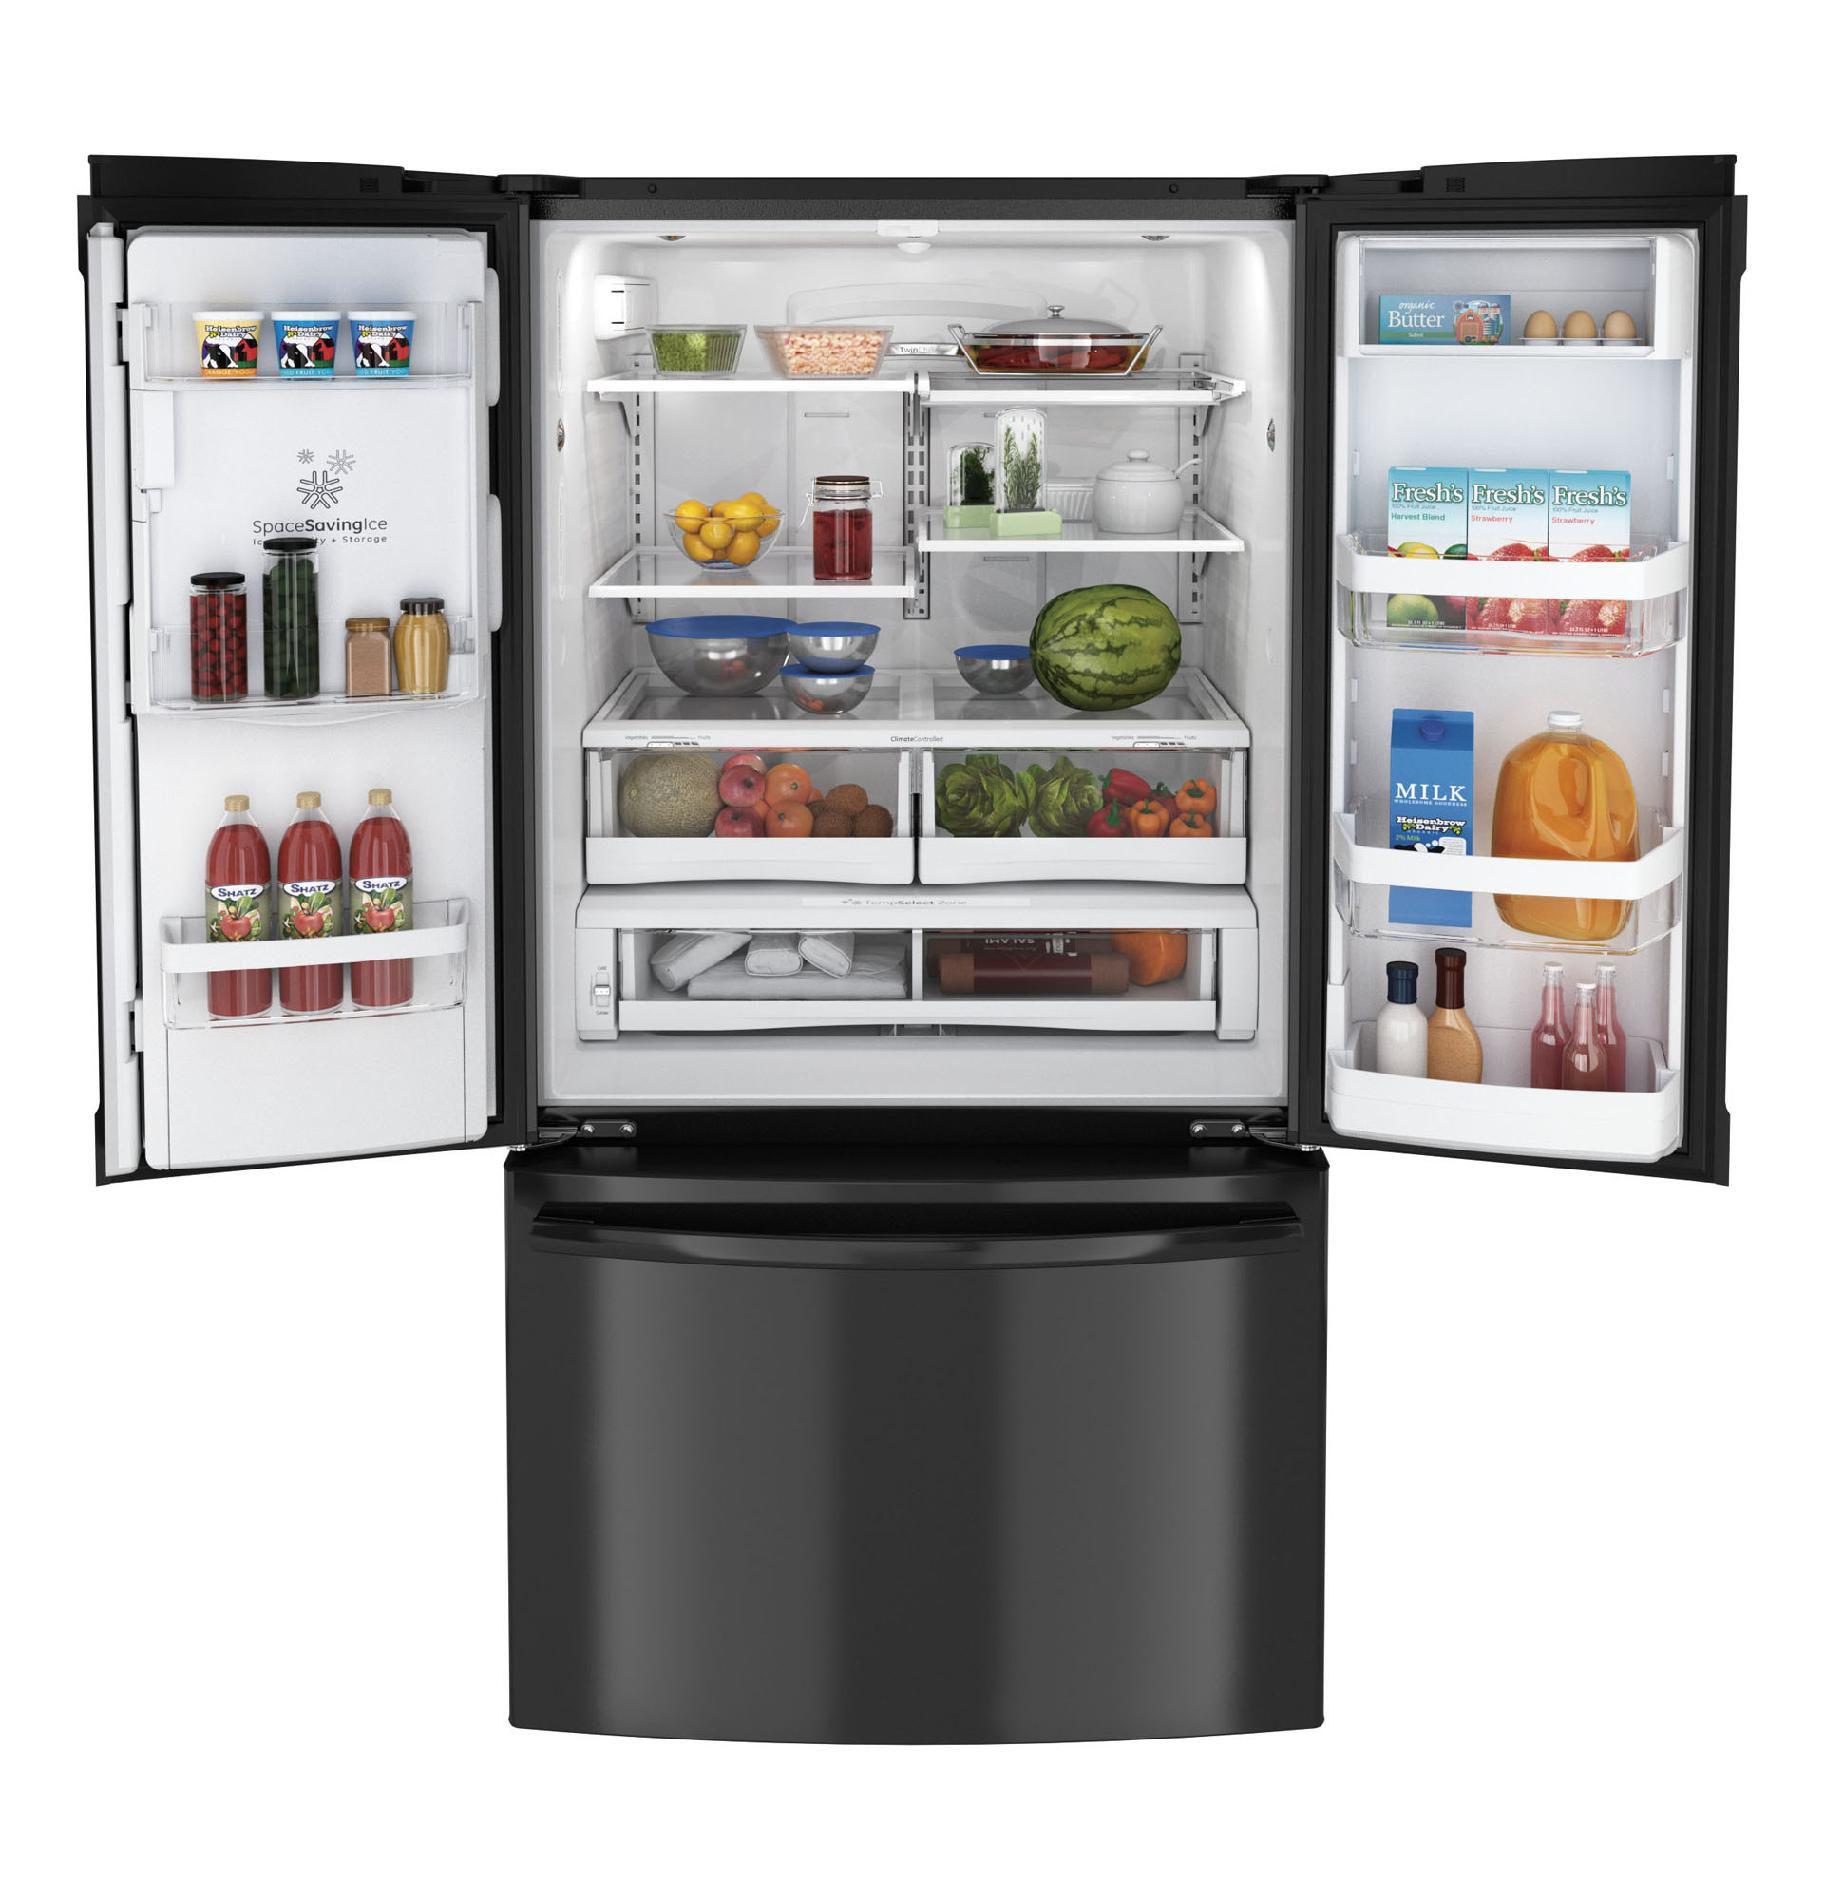 GE 26.7 cu. ft. French Door Refrigerator - Black